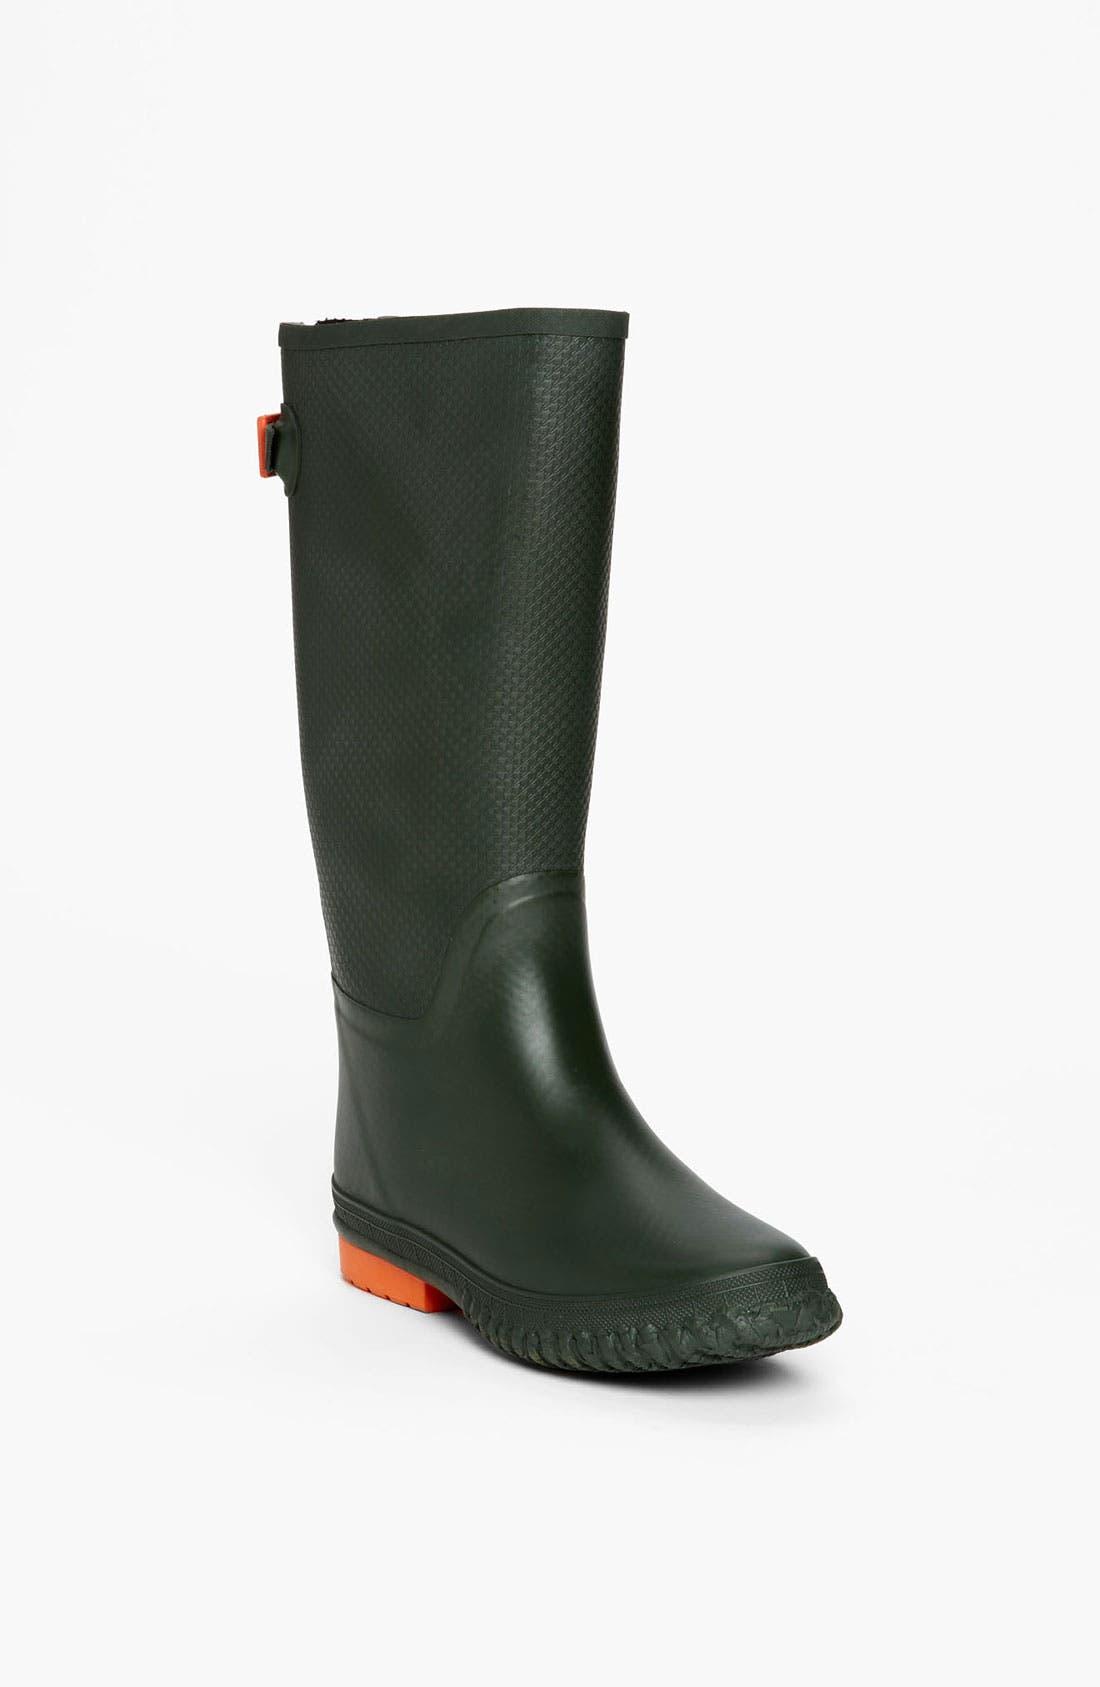 Alternate Image 1 Selected - Tretorn 'Emelie' Rain Boot (Women)